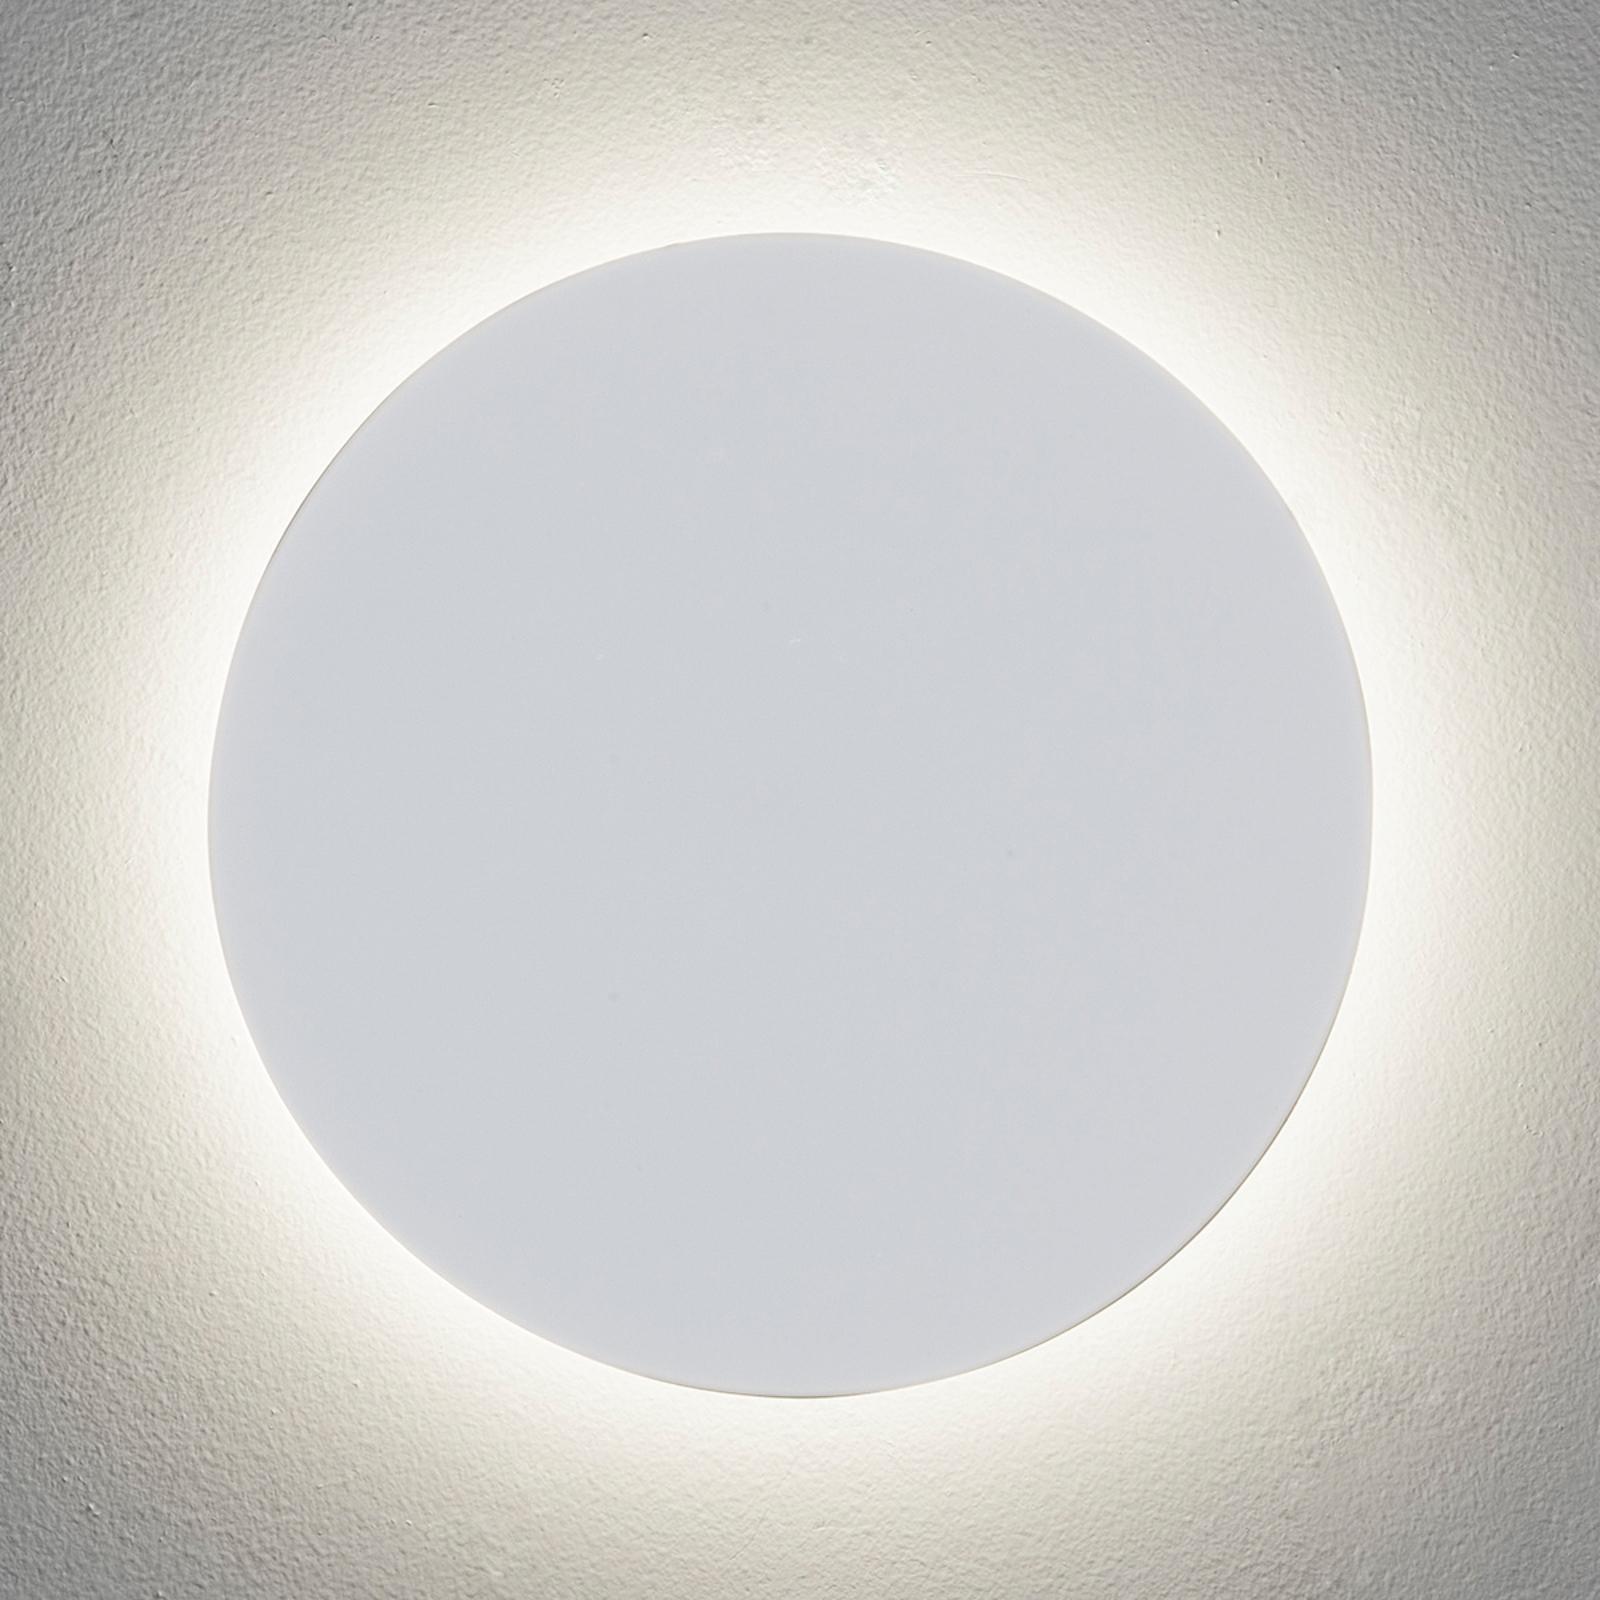 Eclipse Round, wspaniały kinkiet LED